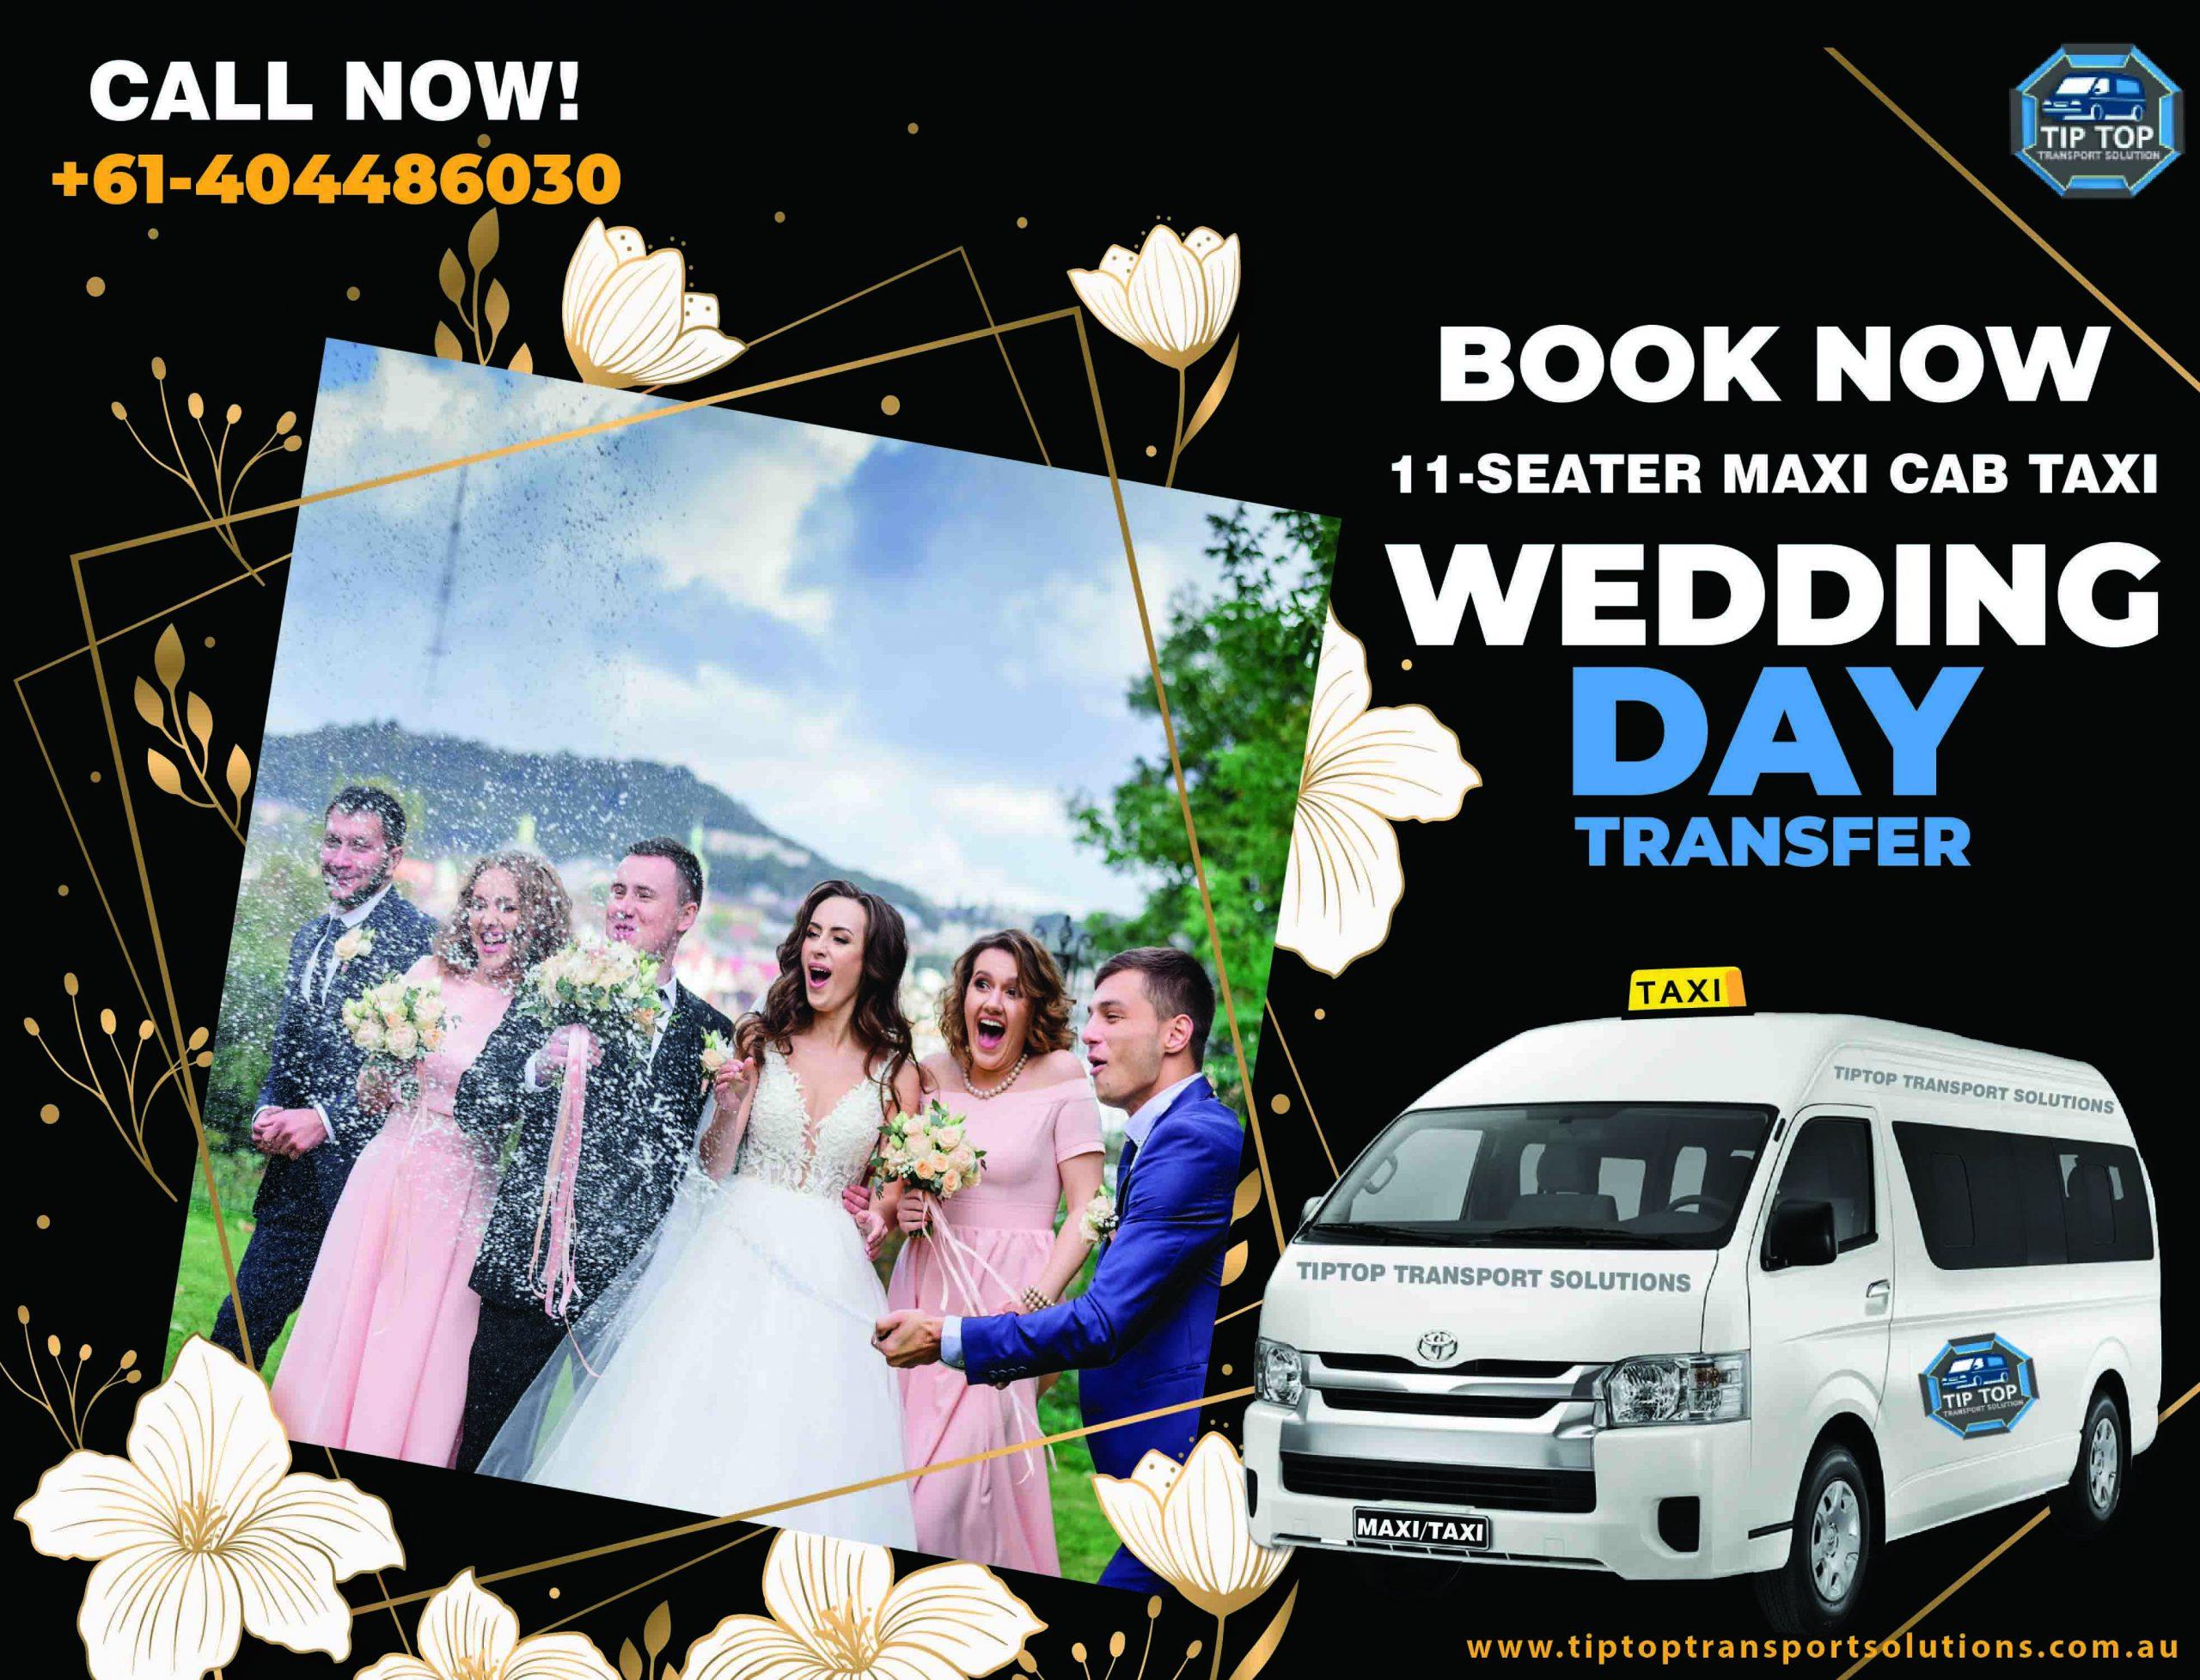 wedding transfer taxi sydney